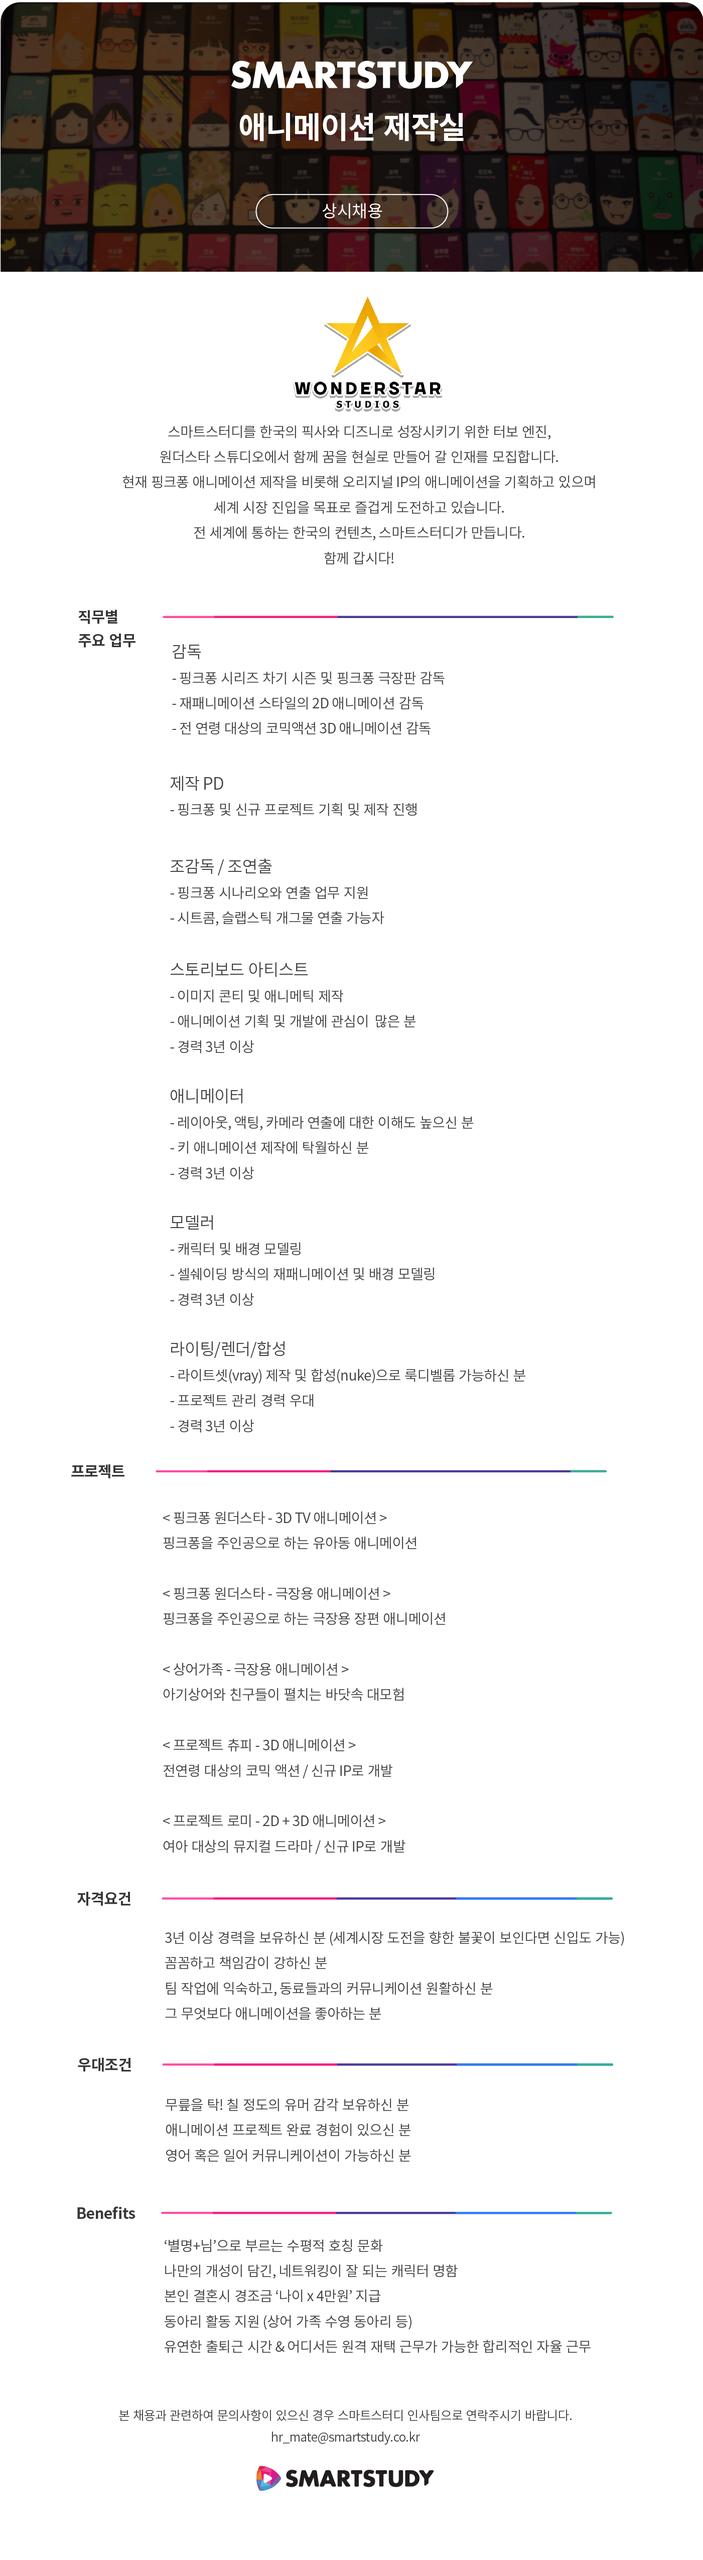 직무추가_애니메이션 제작실 신규_1250.png